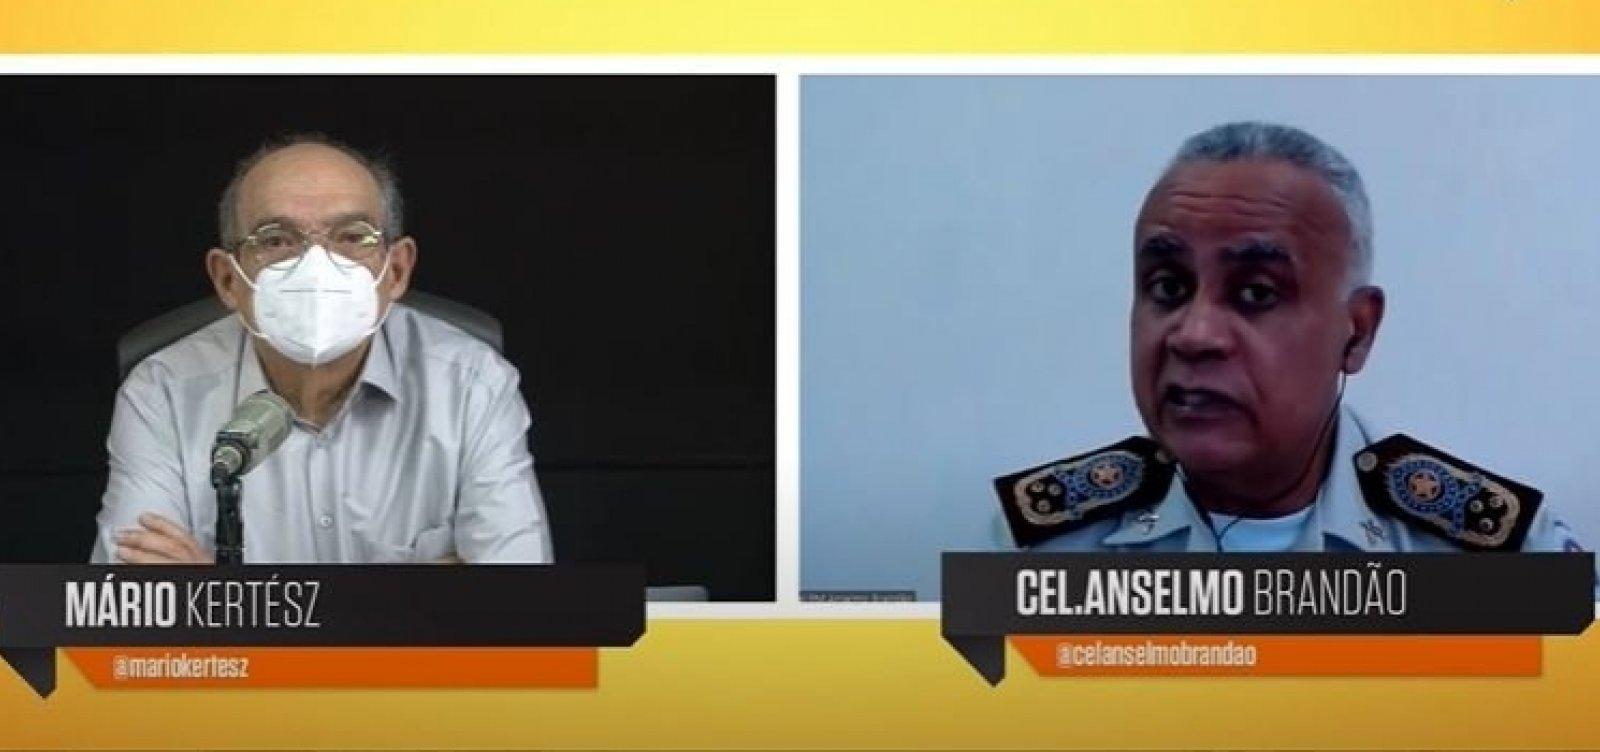 [Comandante da PM nega que tráfico domine áreas em Salvador: 'Entramos em qualquer comunidade']